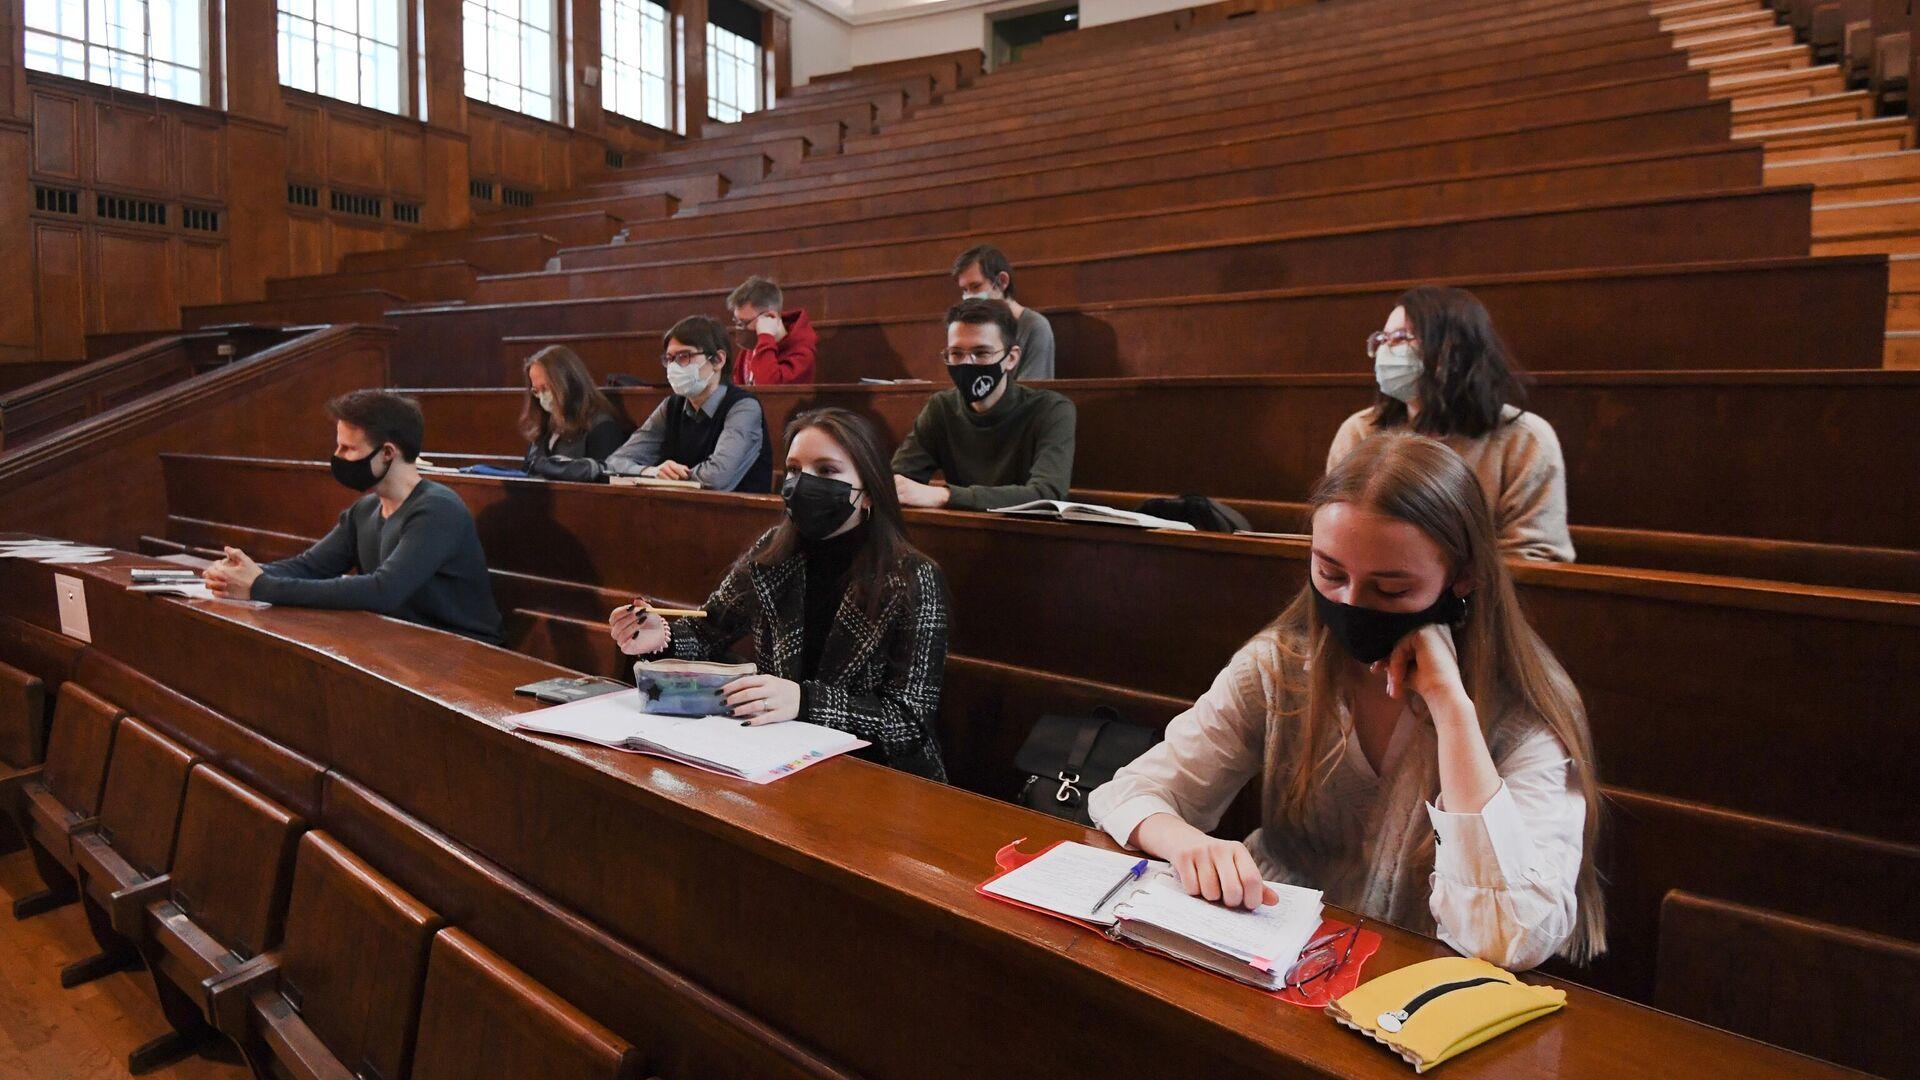 Студенты во время лекции в аудитории МГУ - РИА Новости, 1920, 09.03.2021